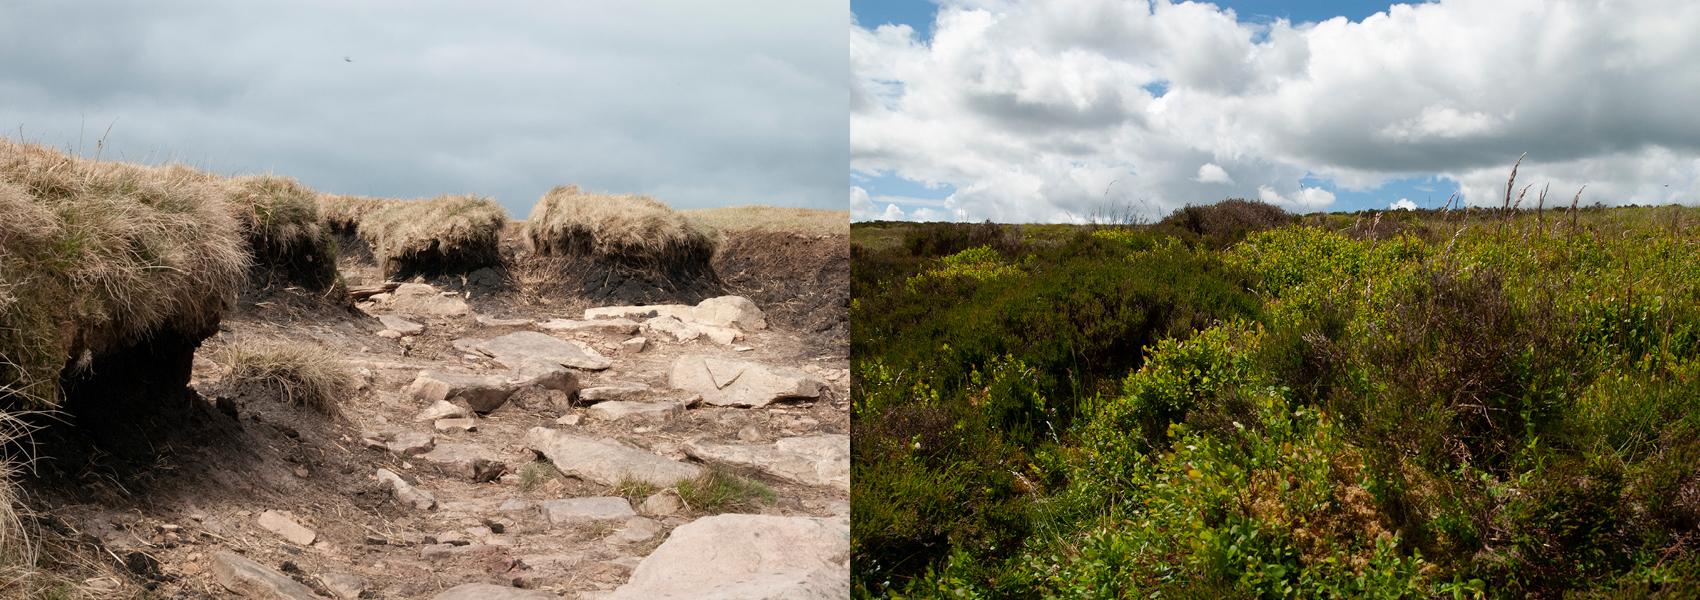 Damaged peat bog versus a healthy peat bog.